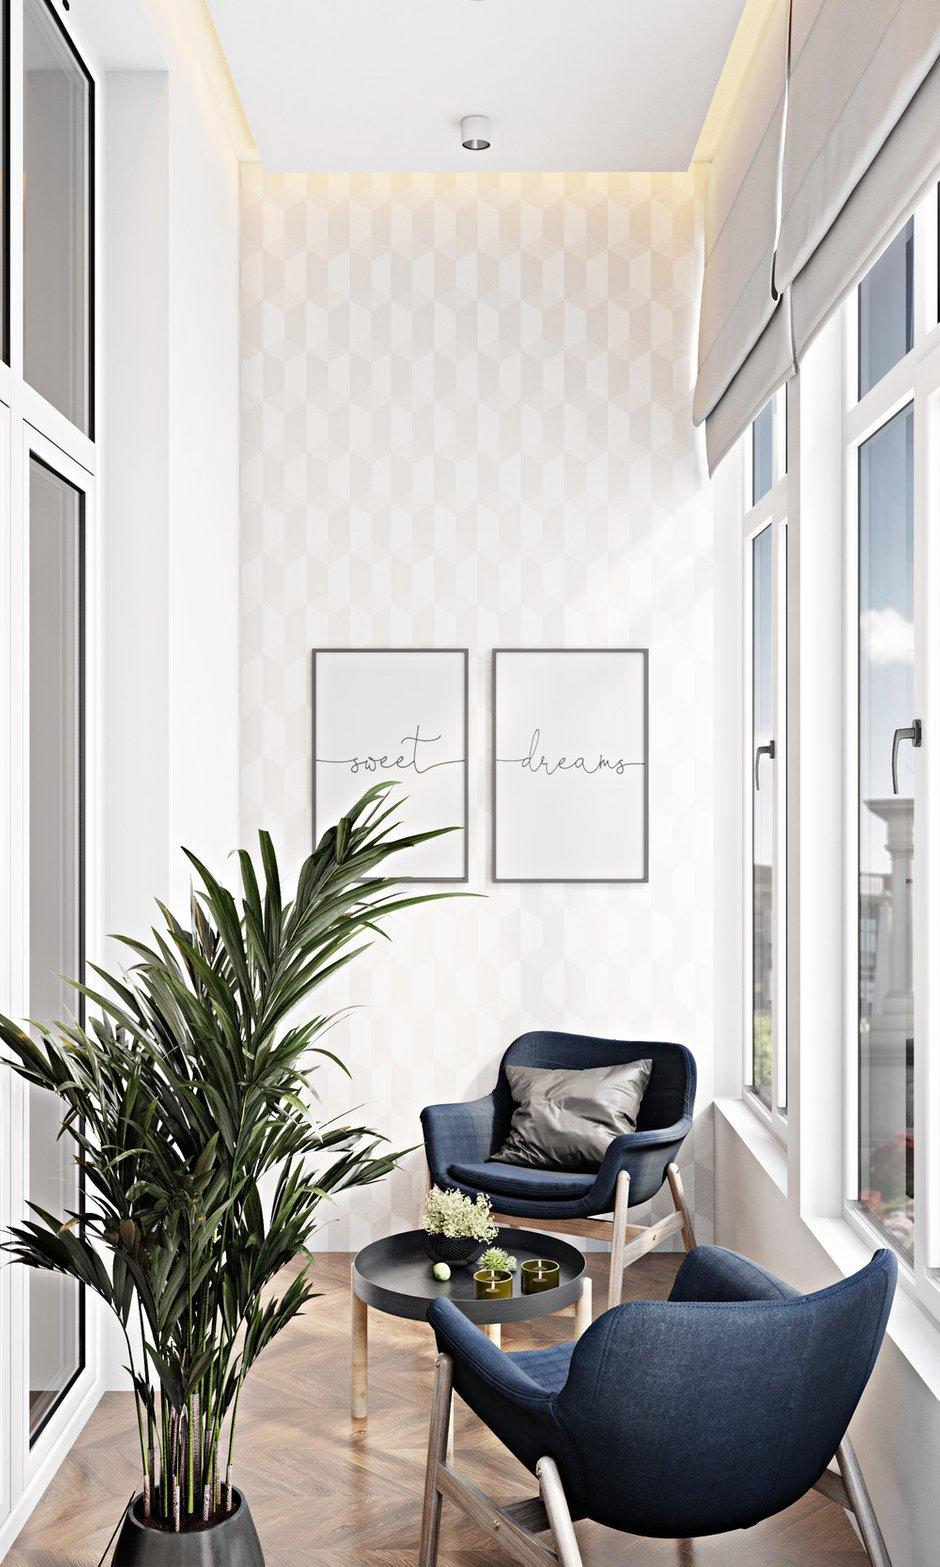 Фотография: Балкон в стиле Современный, Квартира, Студия, Проект недели, Москва, до 40 метров, 40-60 метров, Александра Гартке – фото на INMYROOM